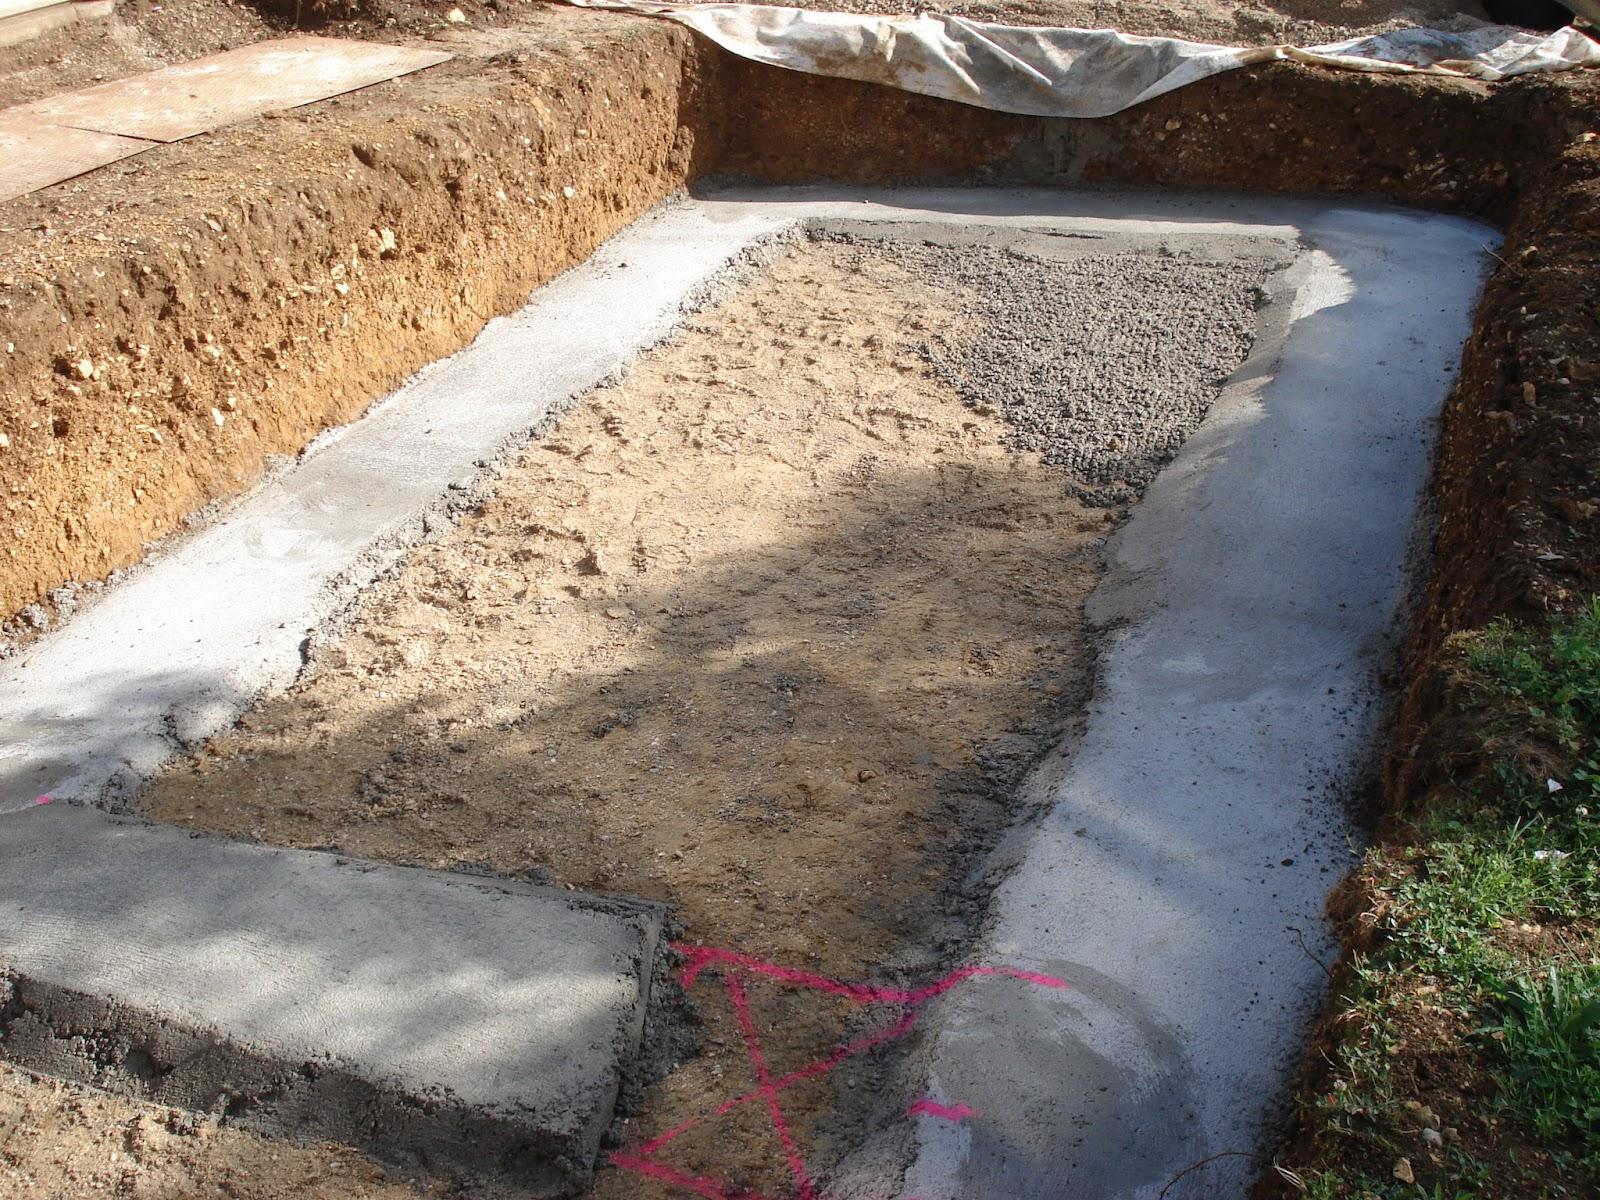 Piscine naturelle et baignade naturelle piscine naturelle for Autoconstruction piscine naturelle